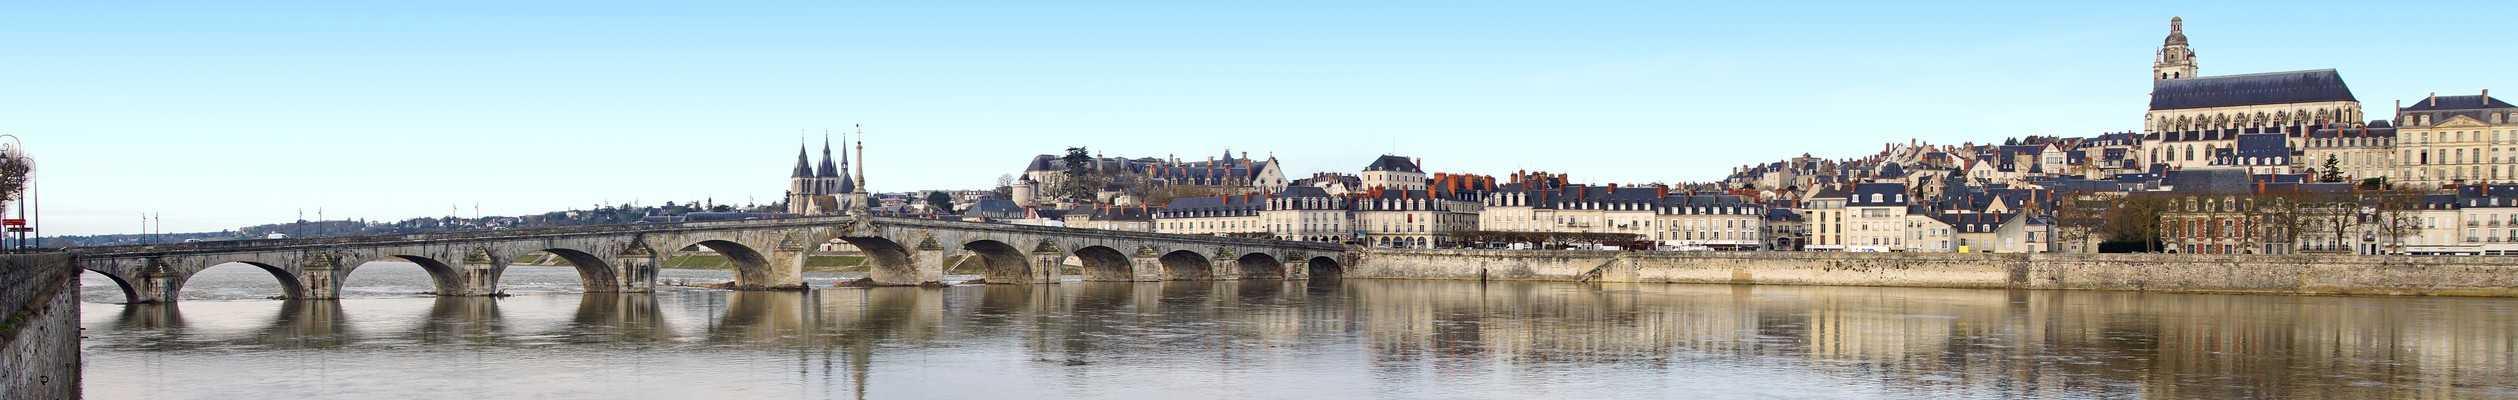 Loir-et-Cher département